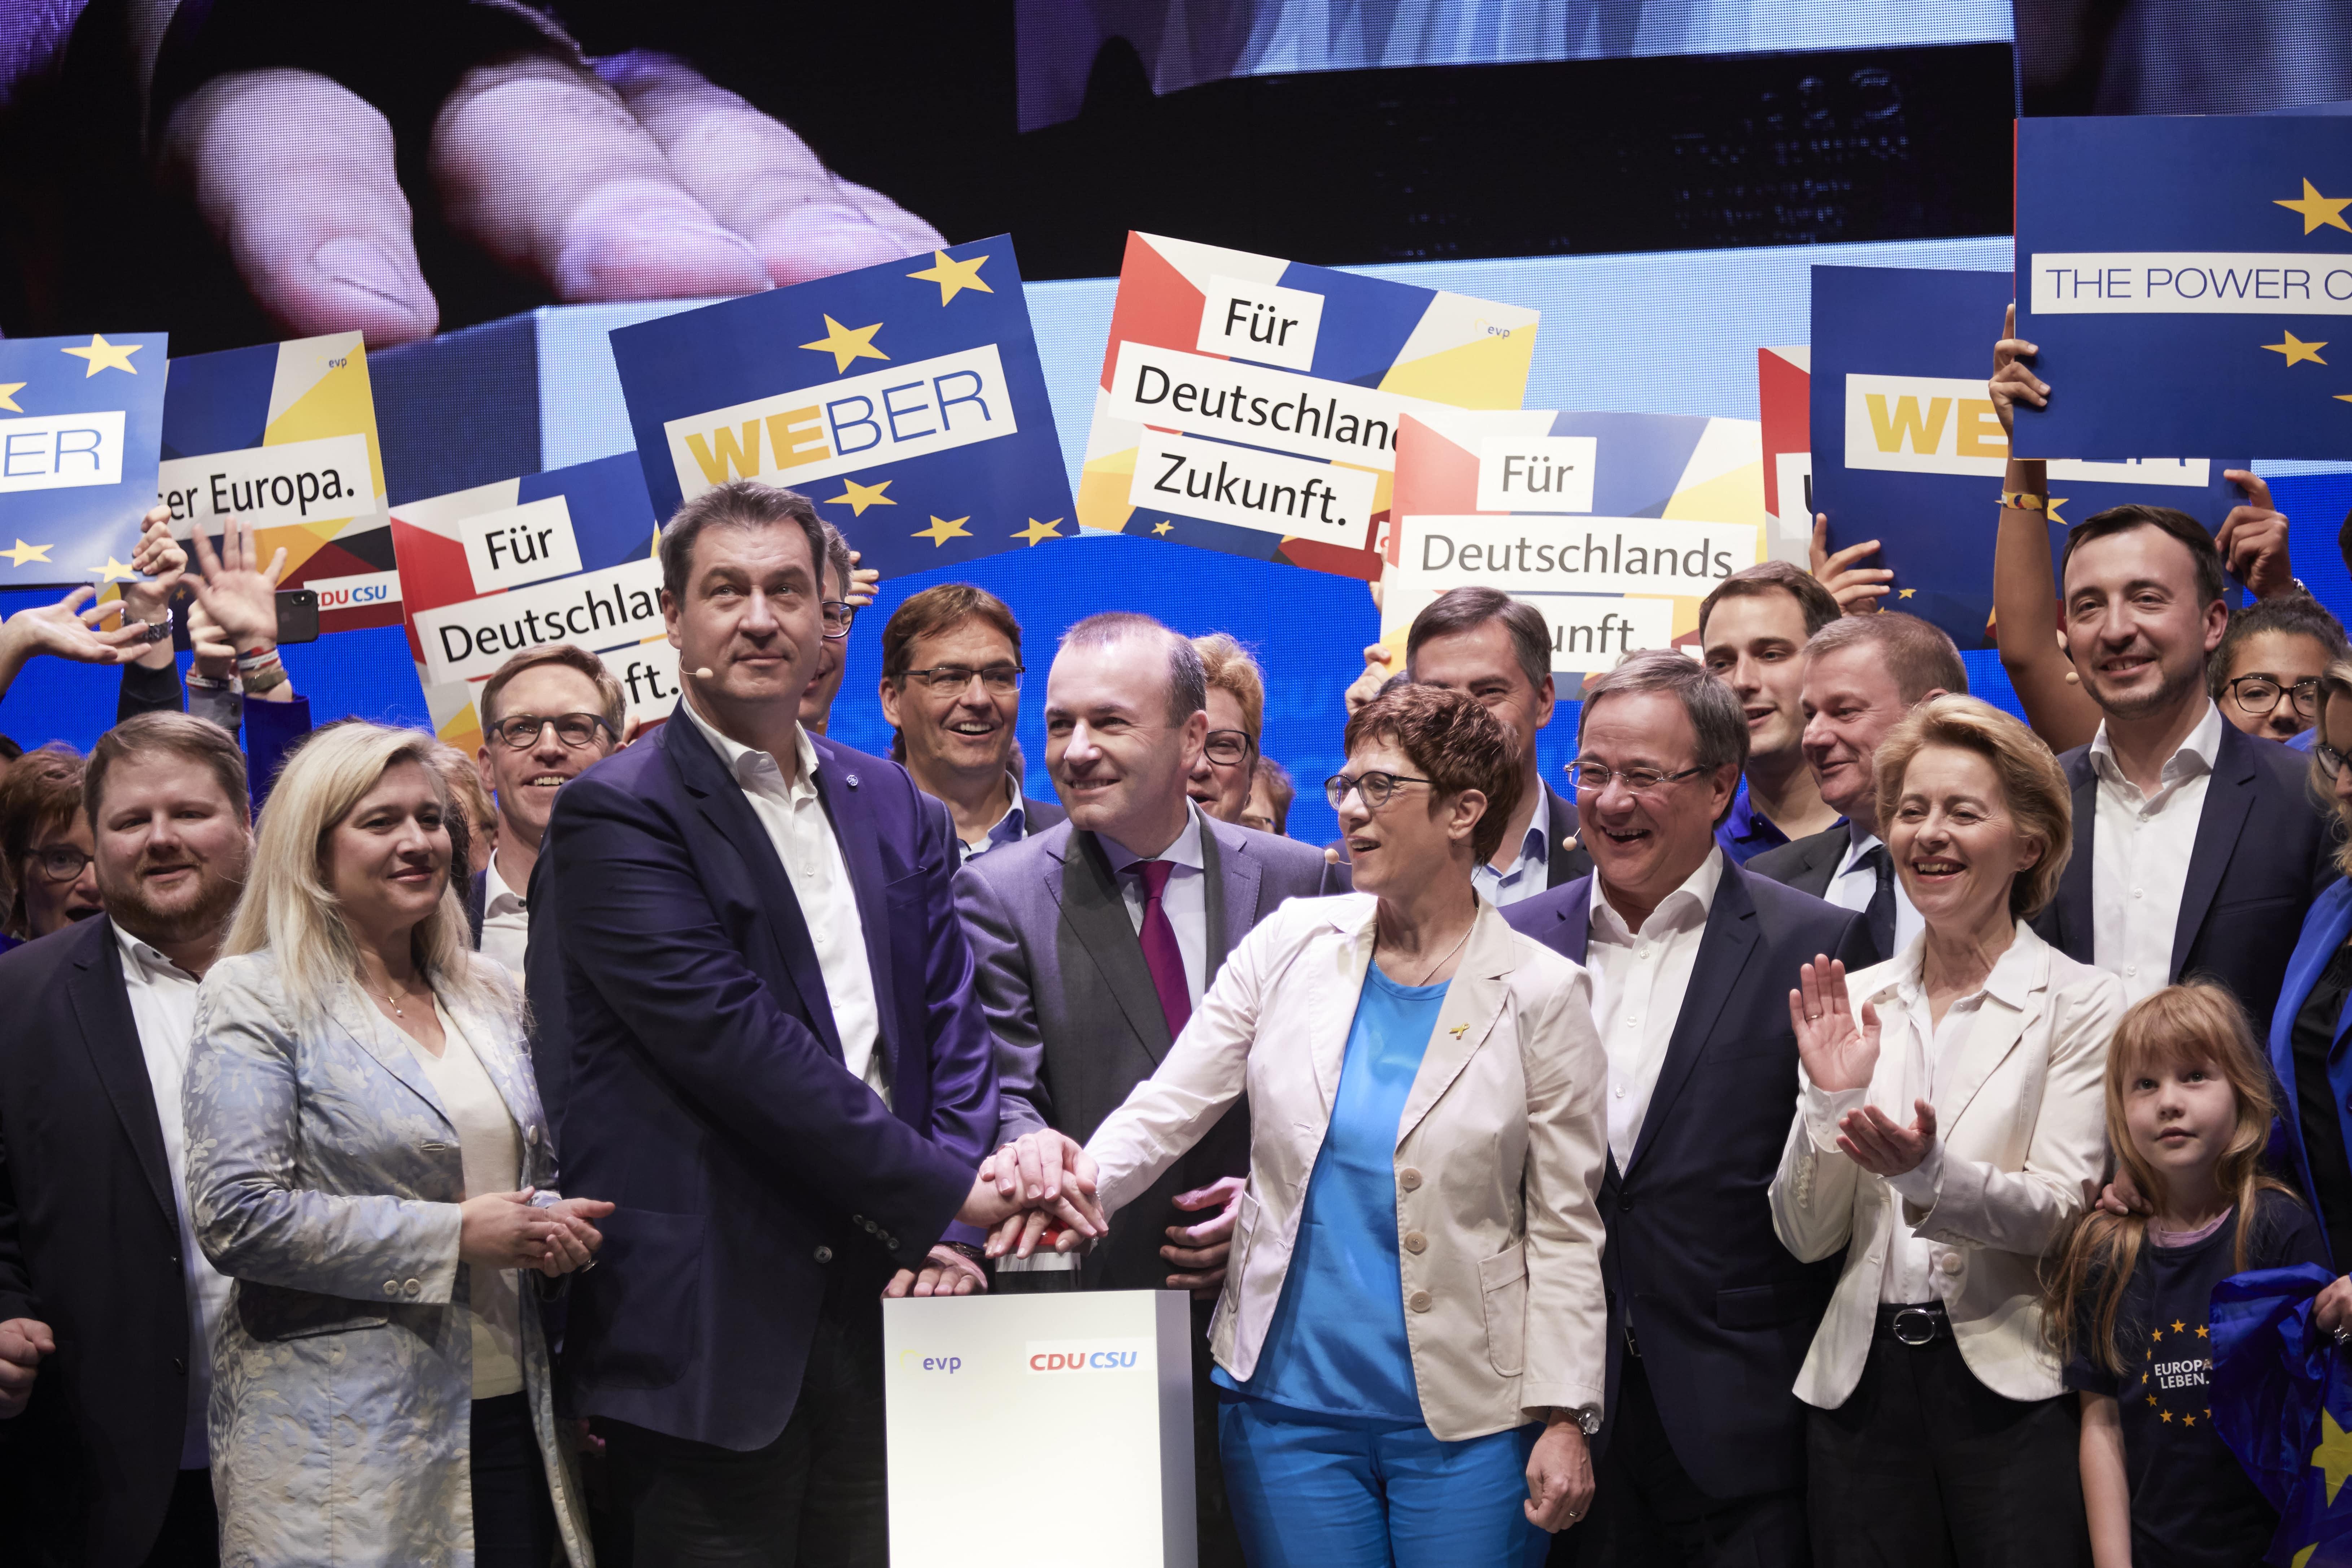 Auftaktveranstaltung zum Europawahlkampf von CDU und CSU am 27. April 2019 in Münster. CDU/Laurence Chaperon